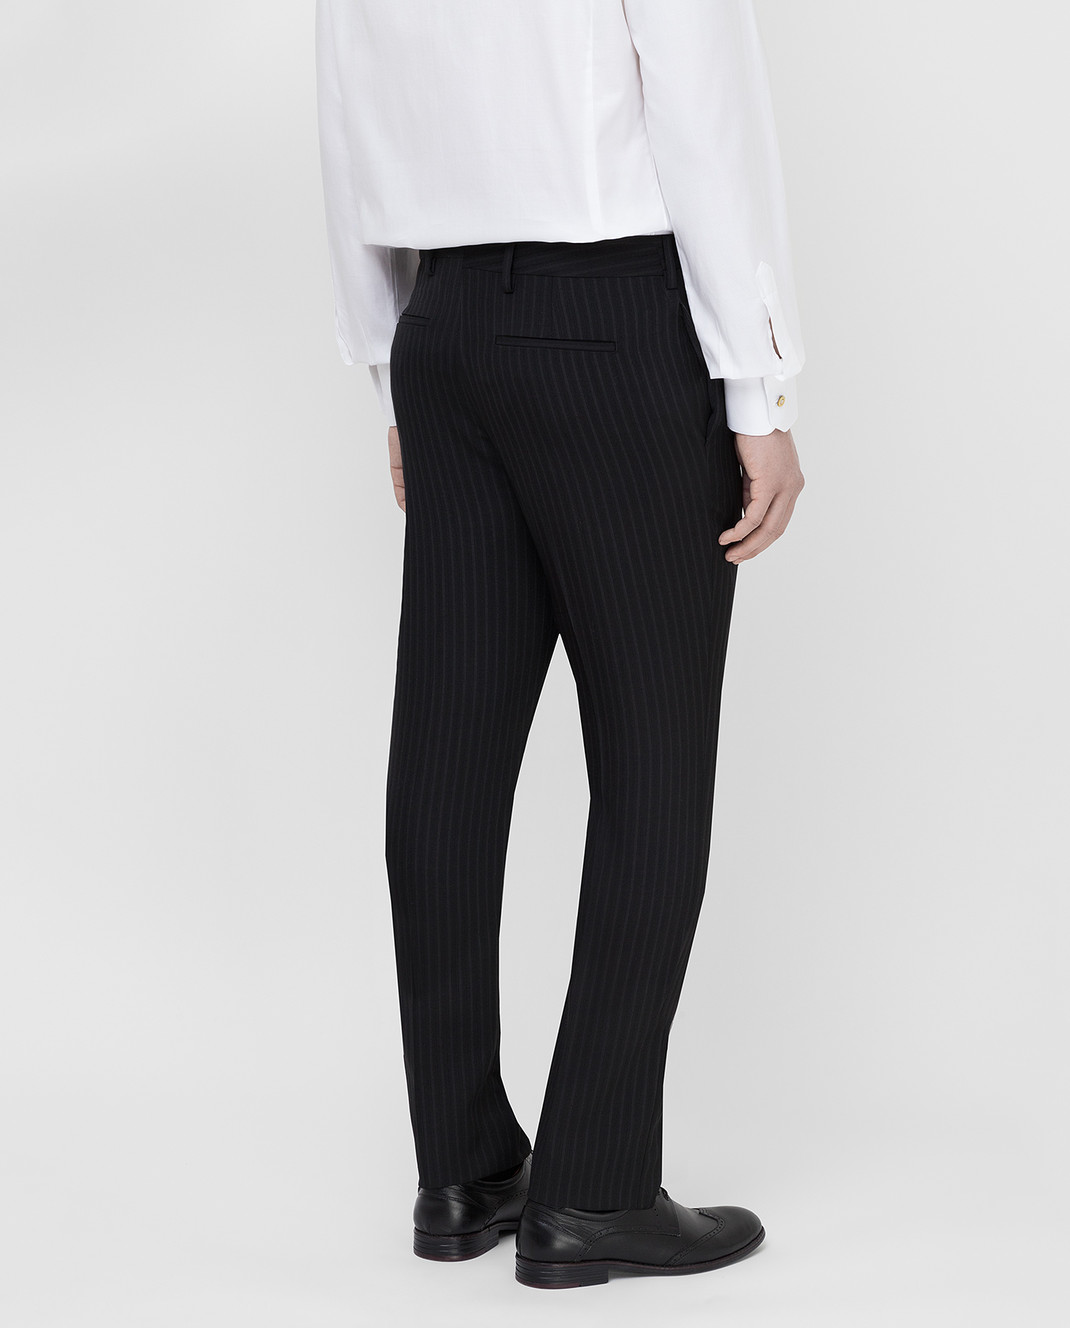 Saint Laurent Черные брюки 552560 изображение 4